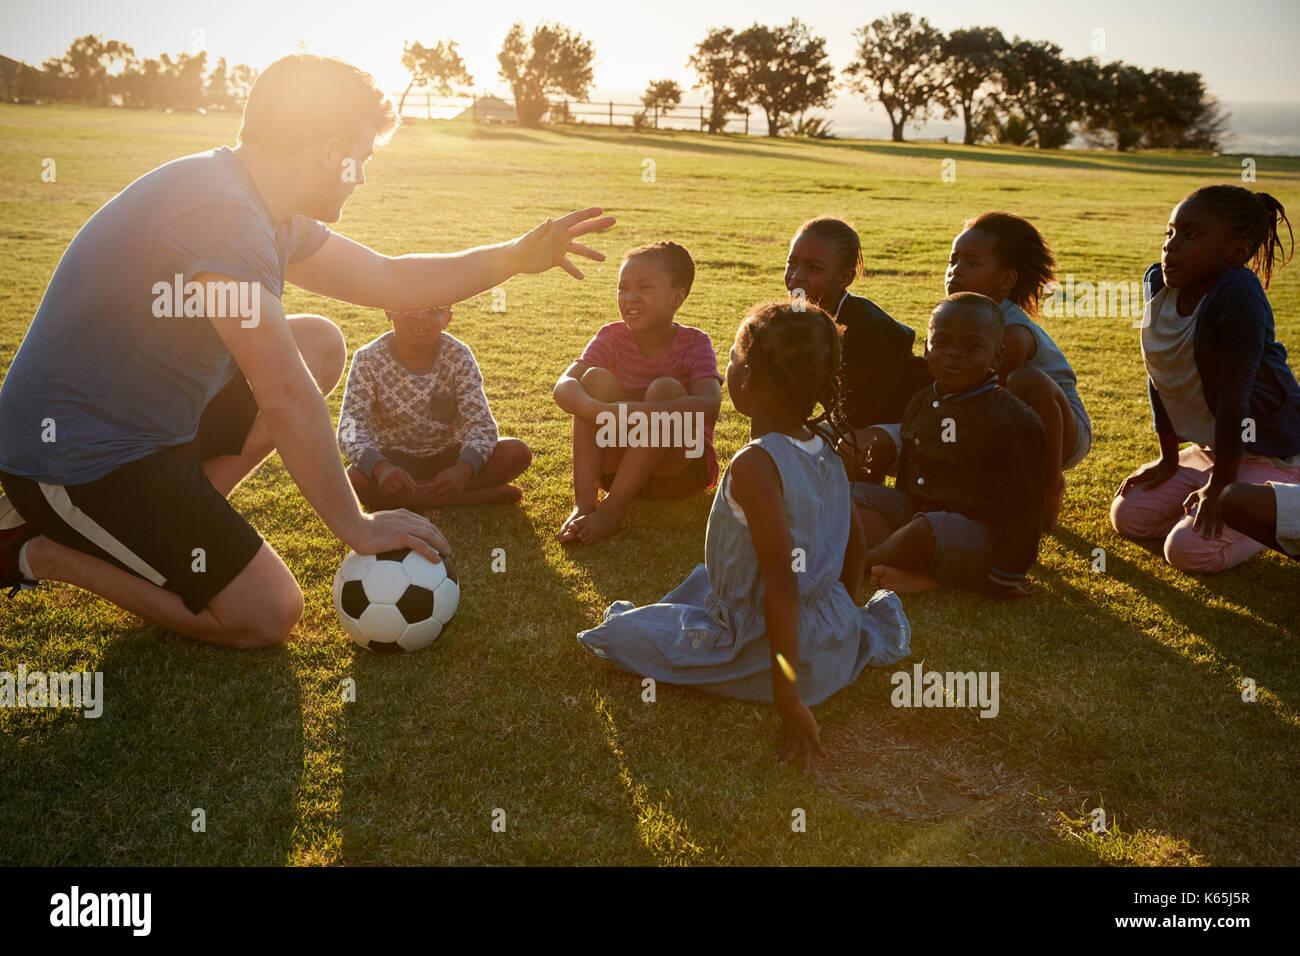 Les enfants de l'école élémentaire et des enseignants assis avec ball in field Photo Stock